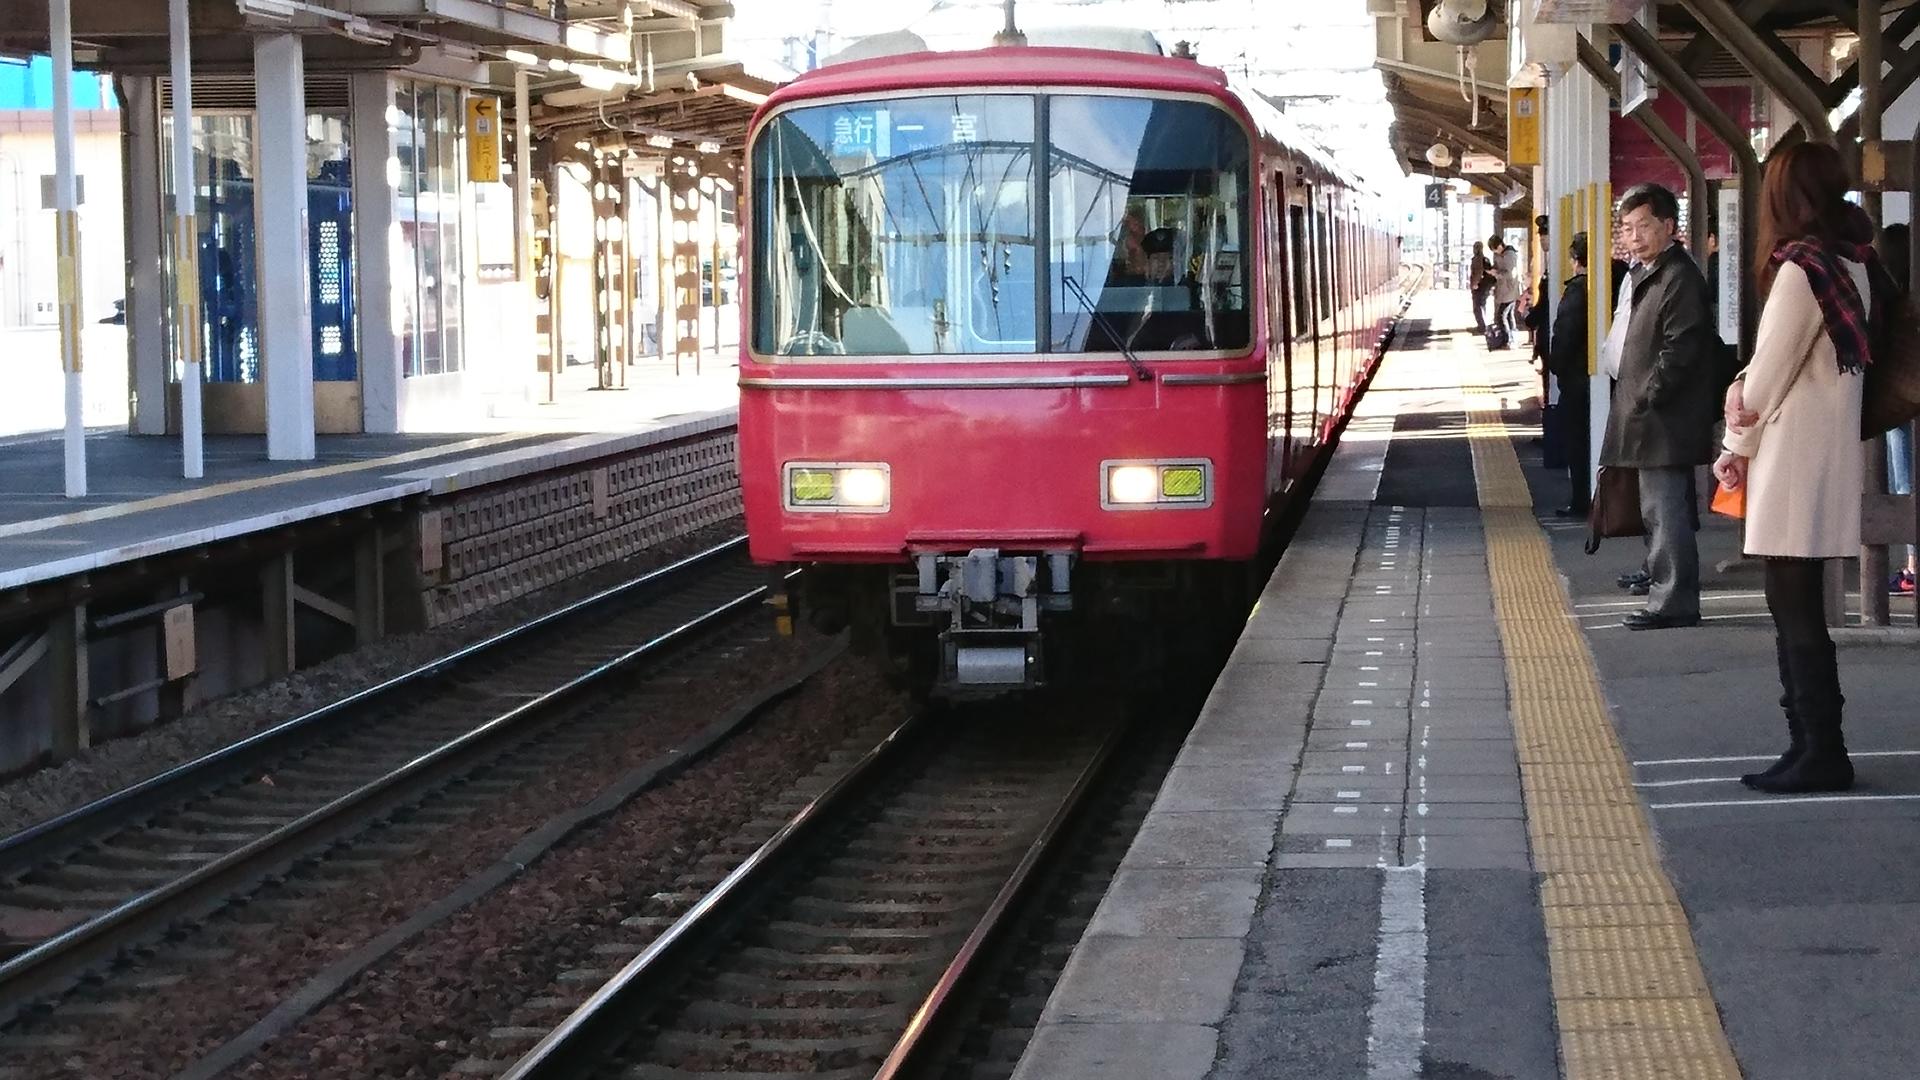 2016.12.14 (5) しんあんじょう - 一宮いき急行(6518)1920-1080